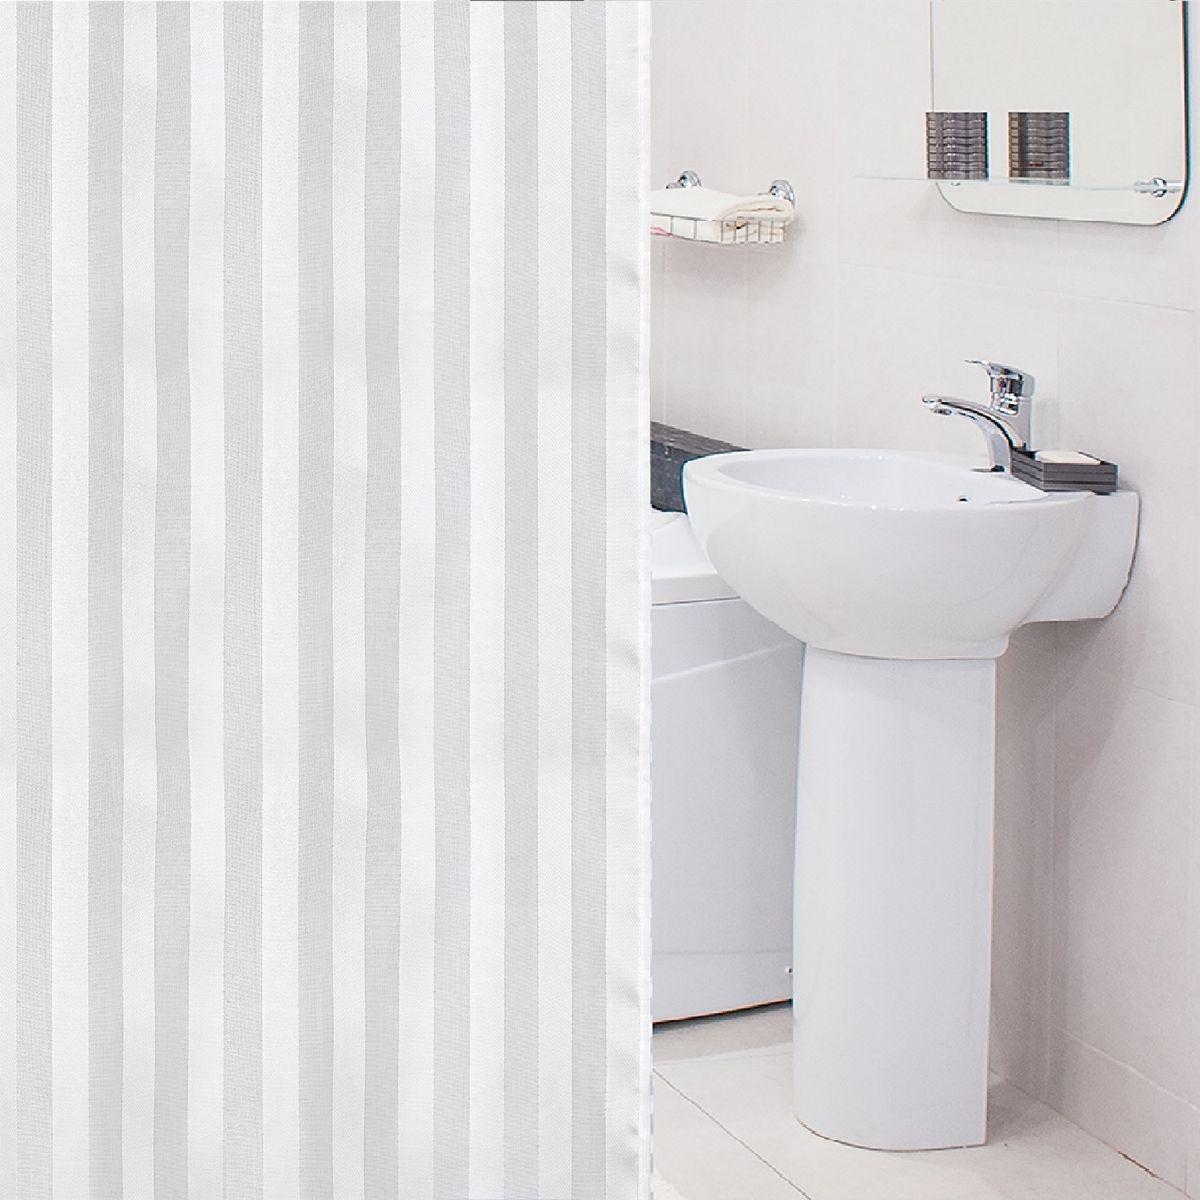 """Штора для ванной комнаты Tatkraft """"Harmony"""" выполнена  из высококачественного полиэстера с водоотталкивающим  и антигрибковым покрытием. Изделие приятно на ощупь,  быстро высыхает. В комплекте прилагаются овальные  пластиковые кольца.   Такая штора прекрасно впишется в любой интерьер ванной  комнаты и идеально защитит от брызг.  Можно стирать в стиральной машине при температуре  40°С.  Количество колец: 12 шт."""